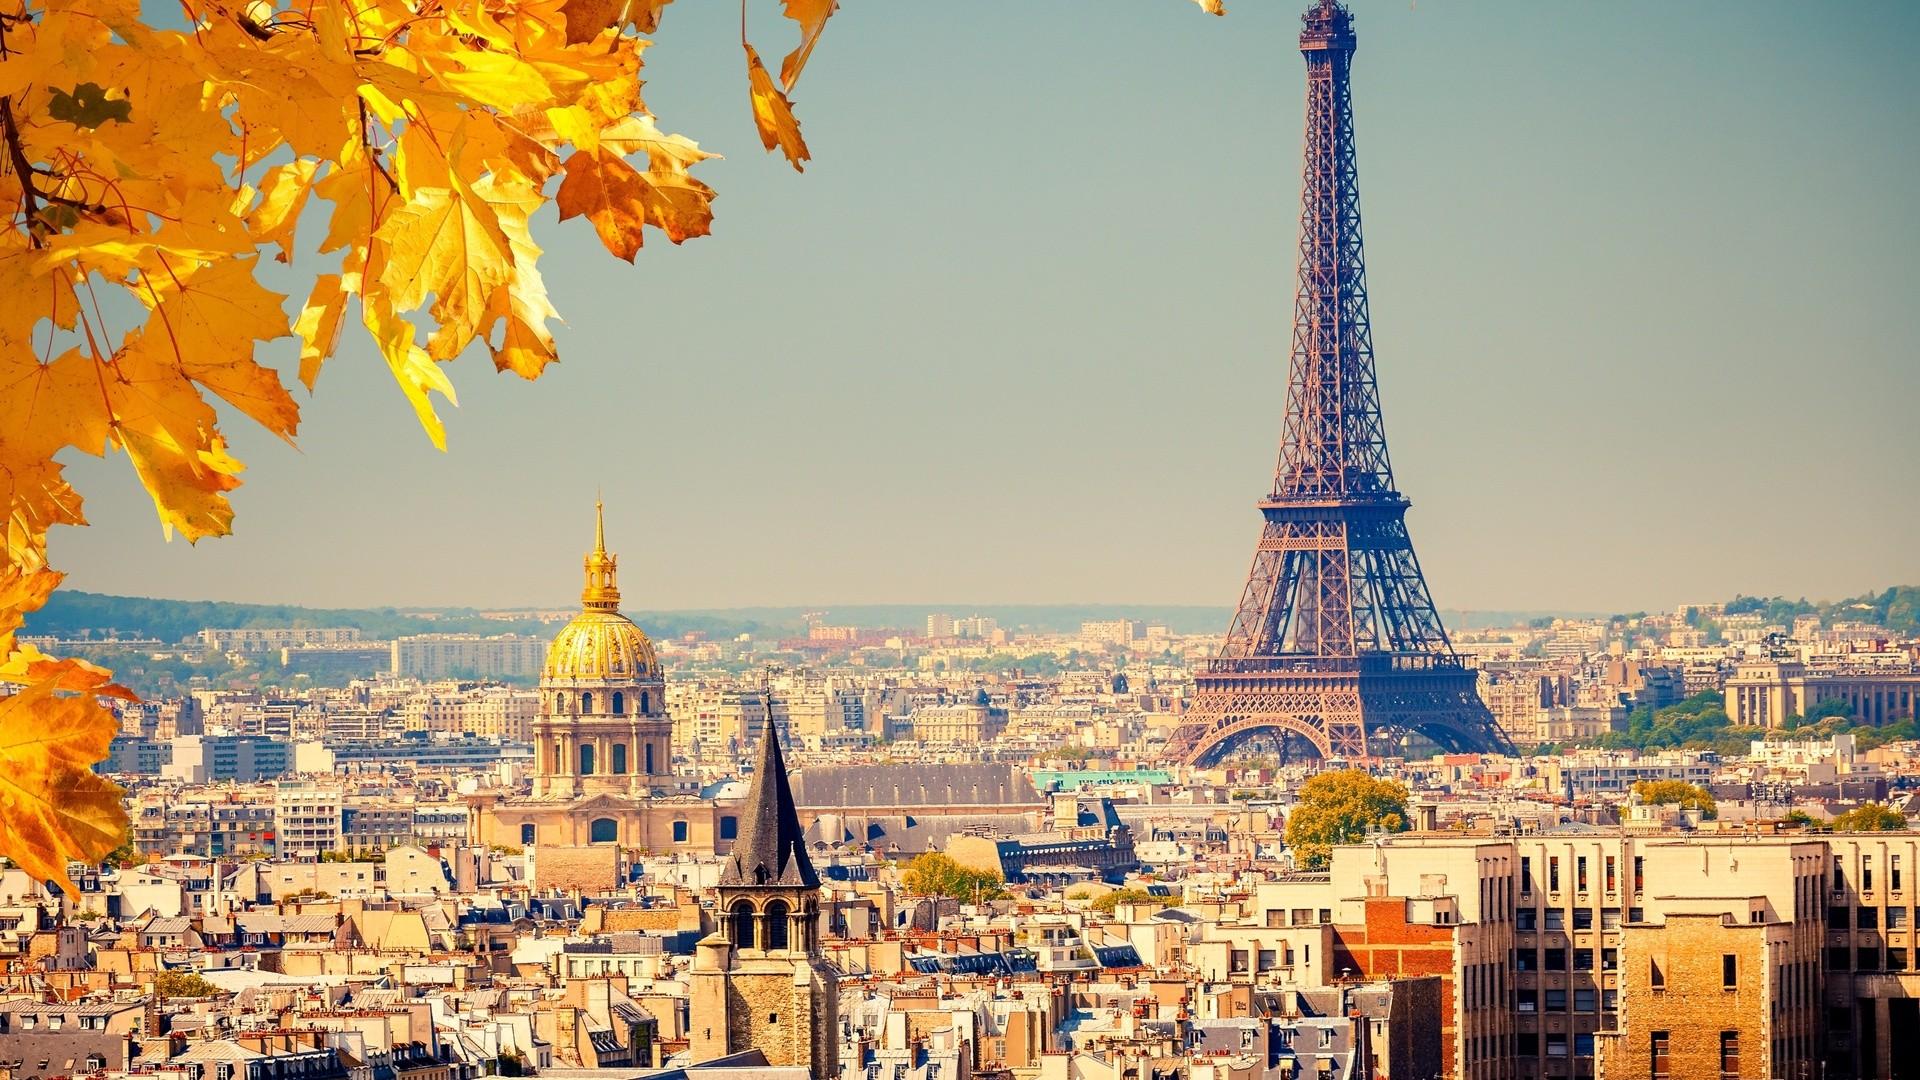 Топ-20 достопримечательностей Франции: фото с названиями и описанием